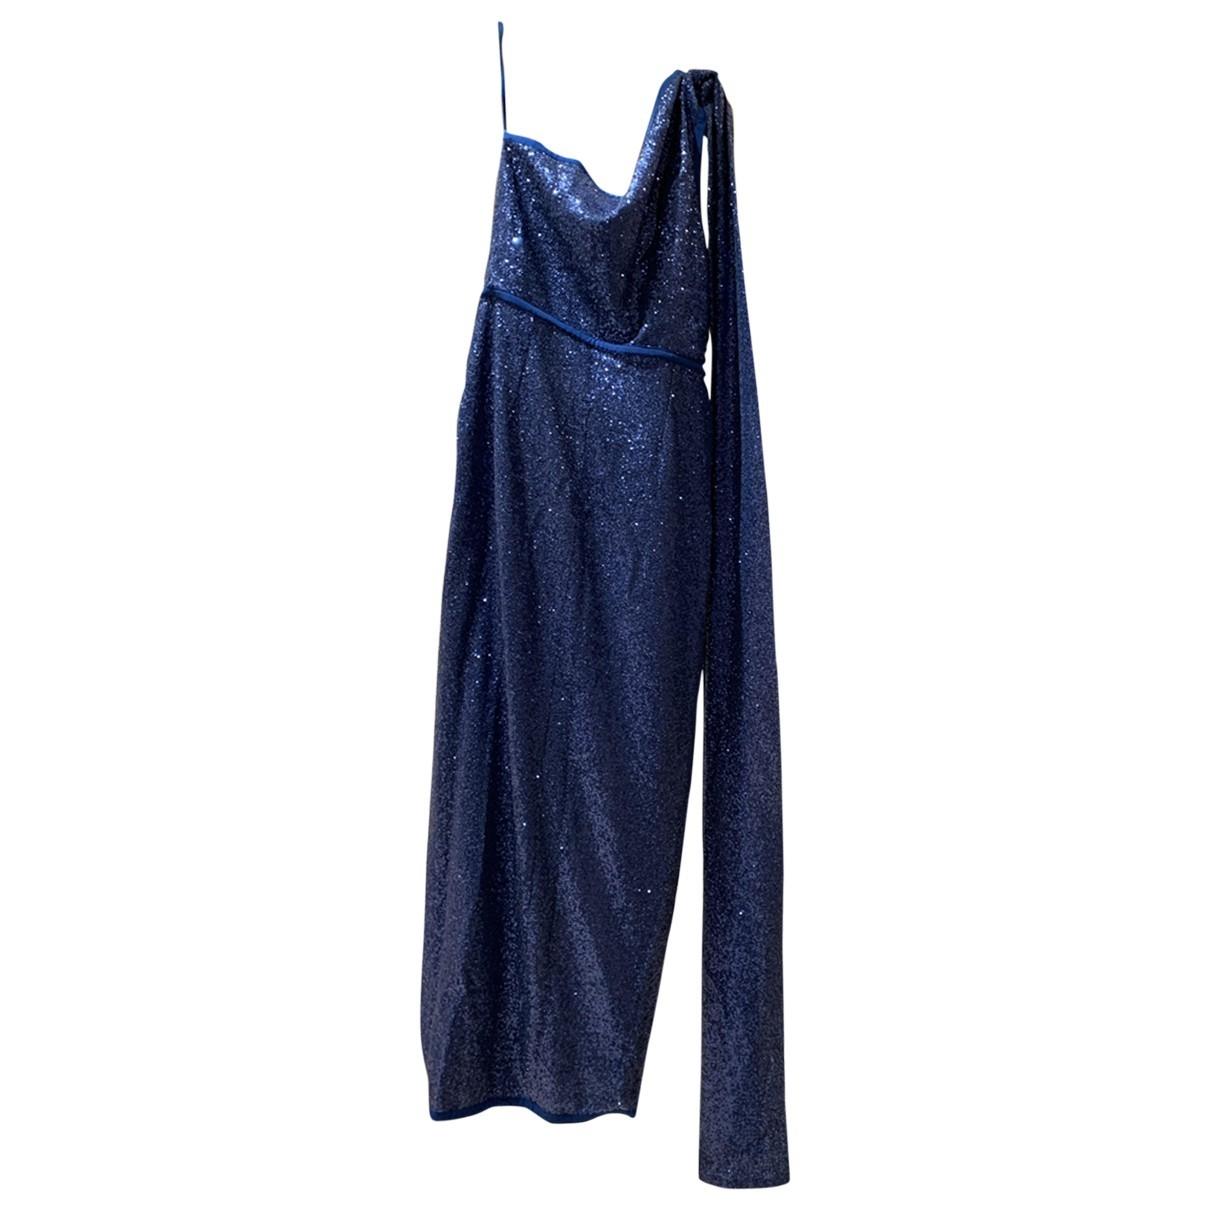 Elie Saab - Robe   pour femme en a paillettes - bleu